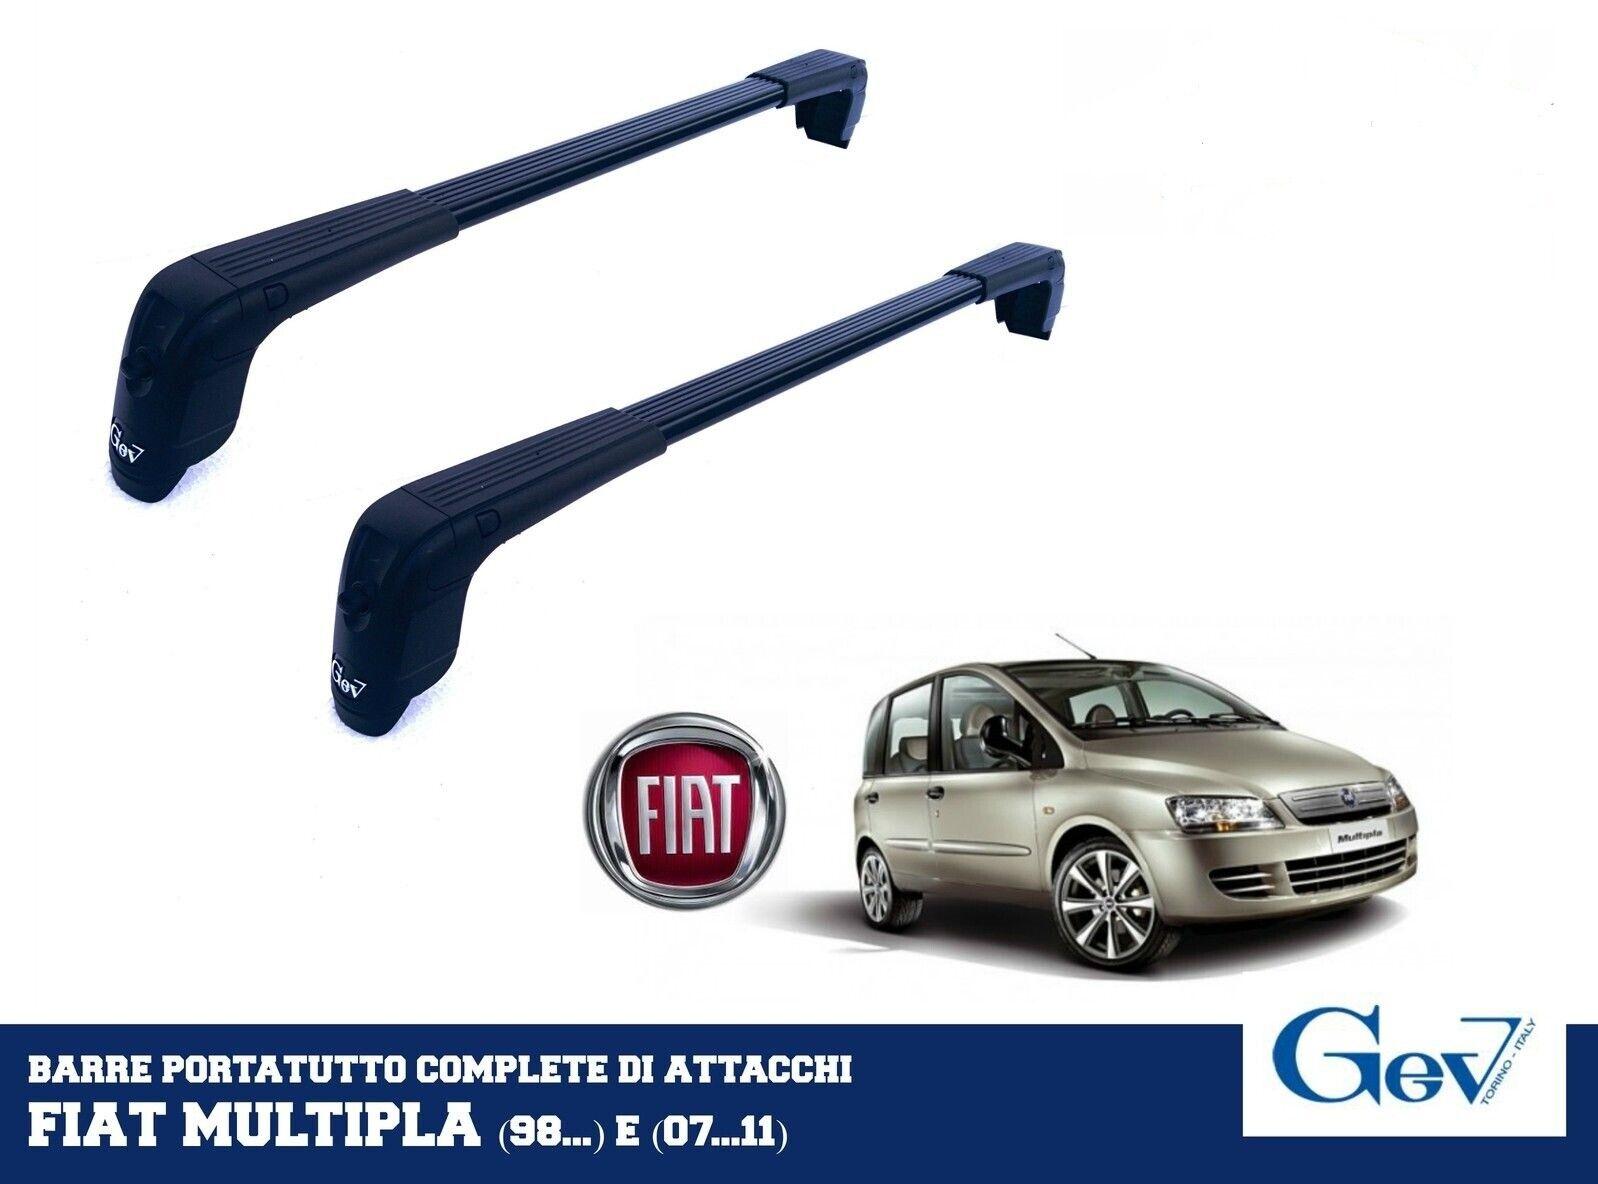 BARRE PORTATUTTO PORTAPACCHI PREMONTATE NERE GEV COD. 4815 FIAT MULTIPLA 1998>